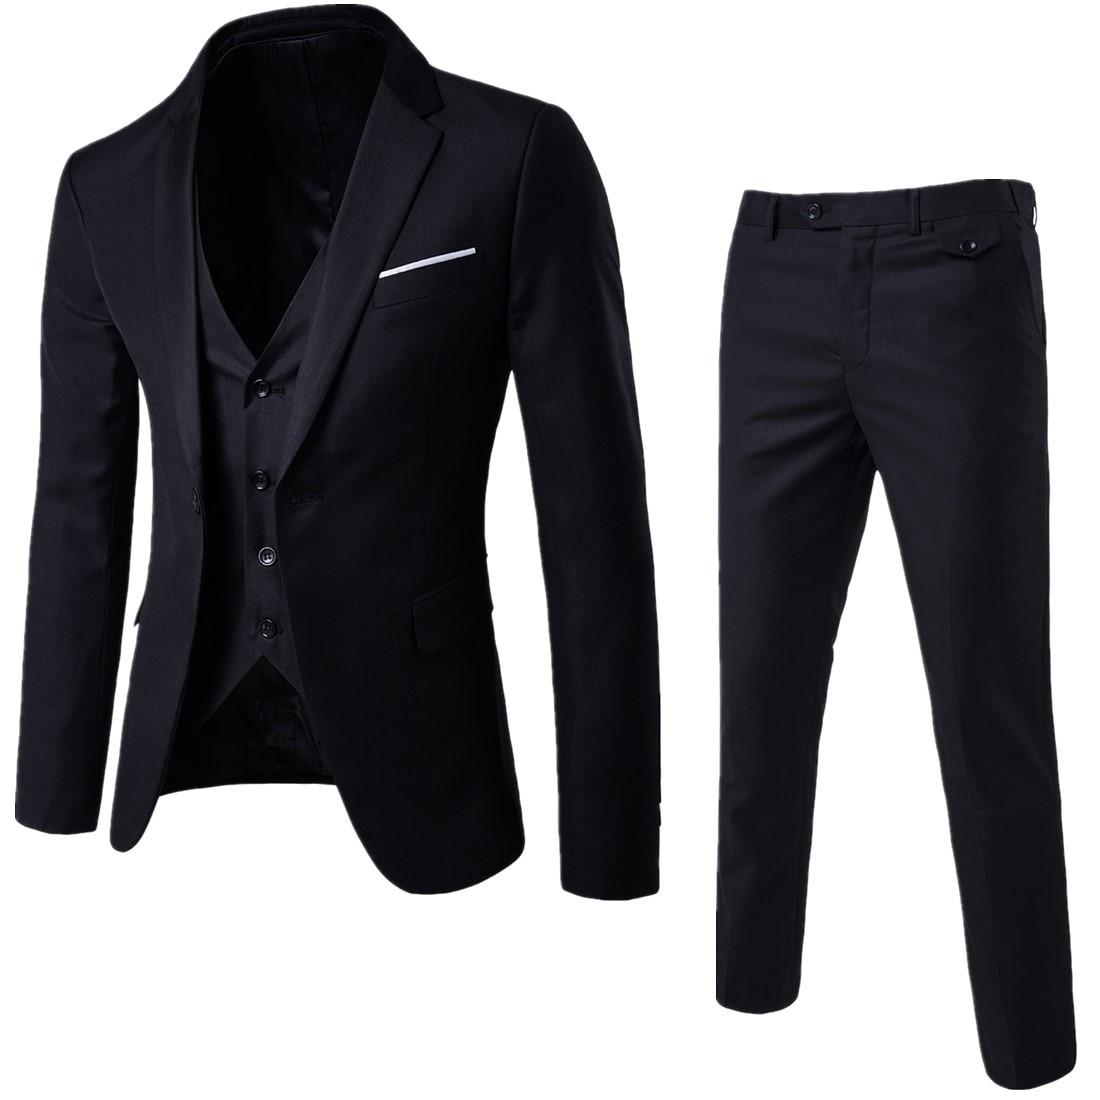 2019 New Style Suit Men Three-piece Set Korean-style Slim Fit Best Man Suit Men's Host Clothing